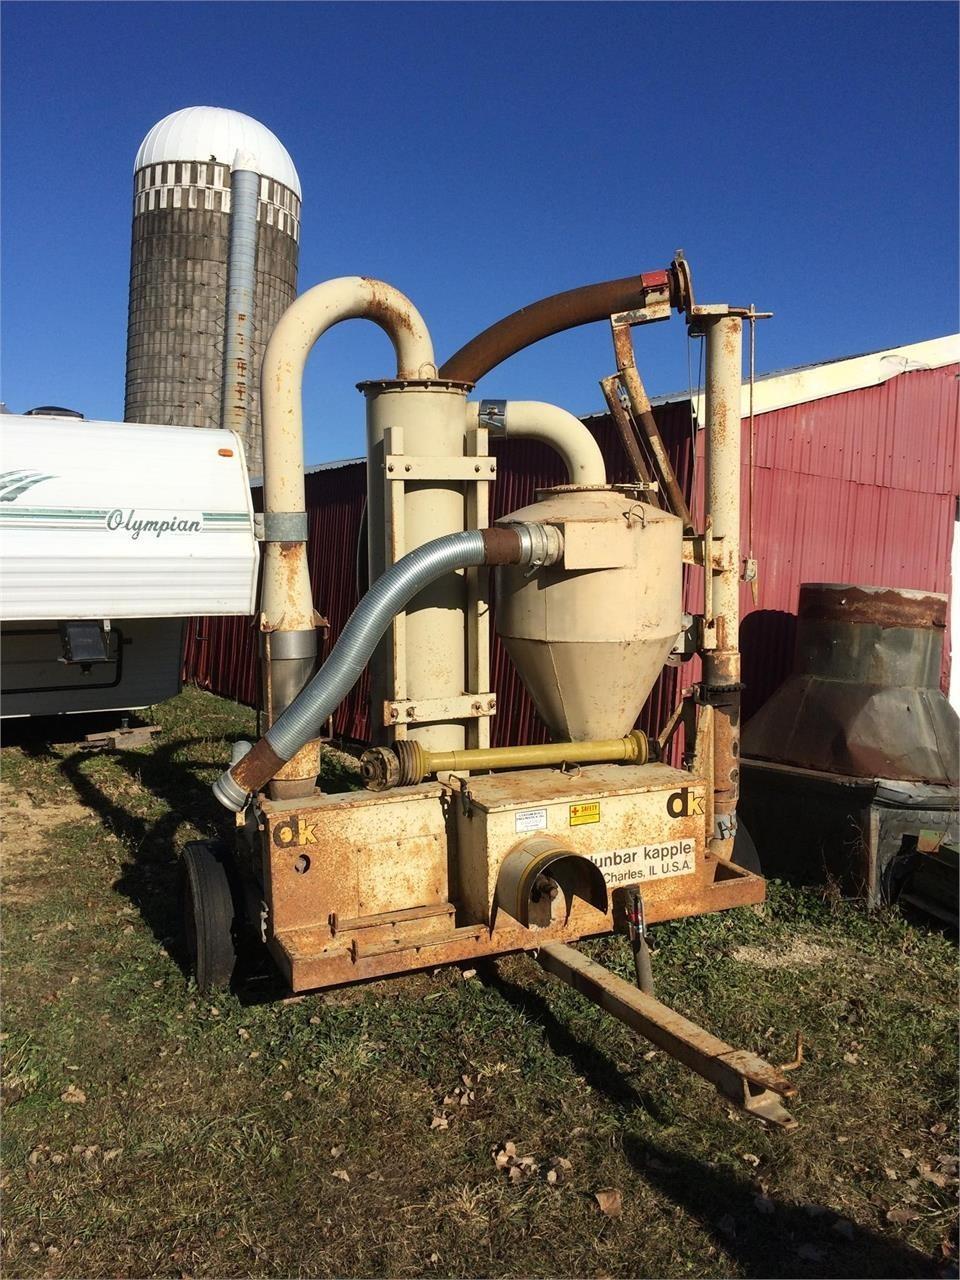 Dunbar Kapple JY1051 Grain Vac